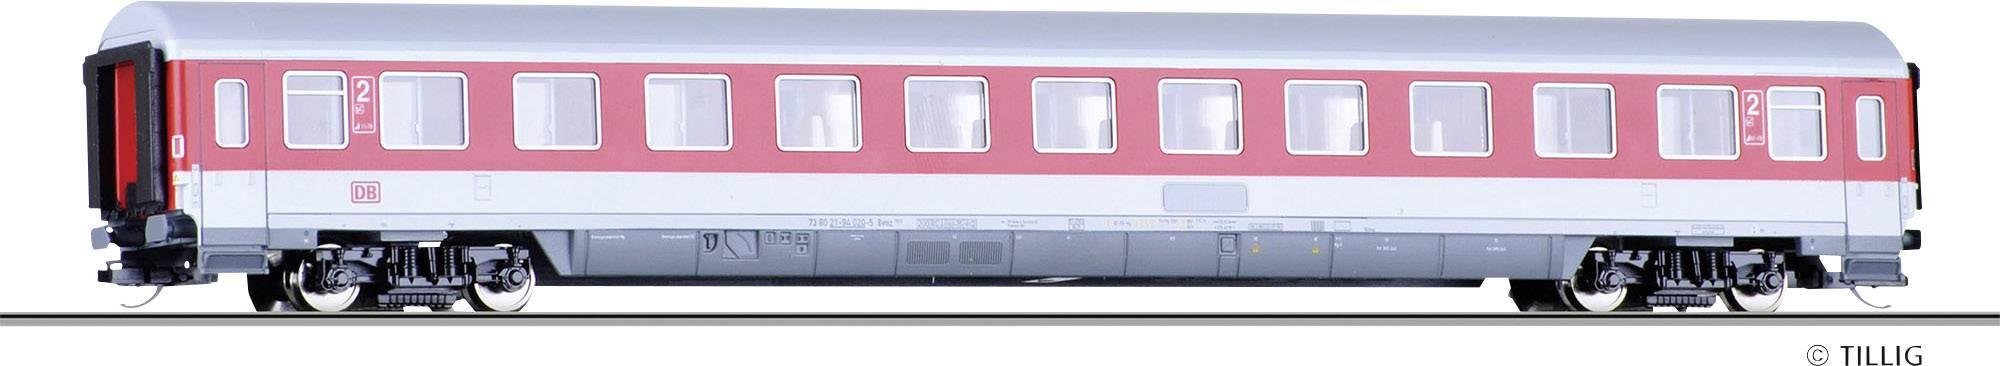 Vagone treno viaggiatori TT di